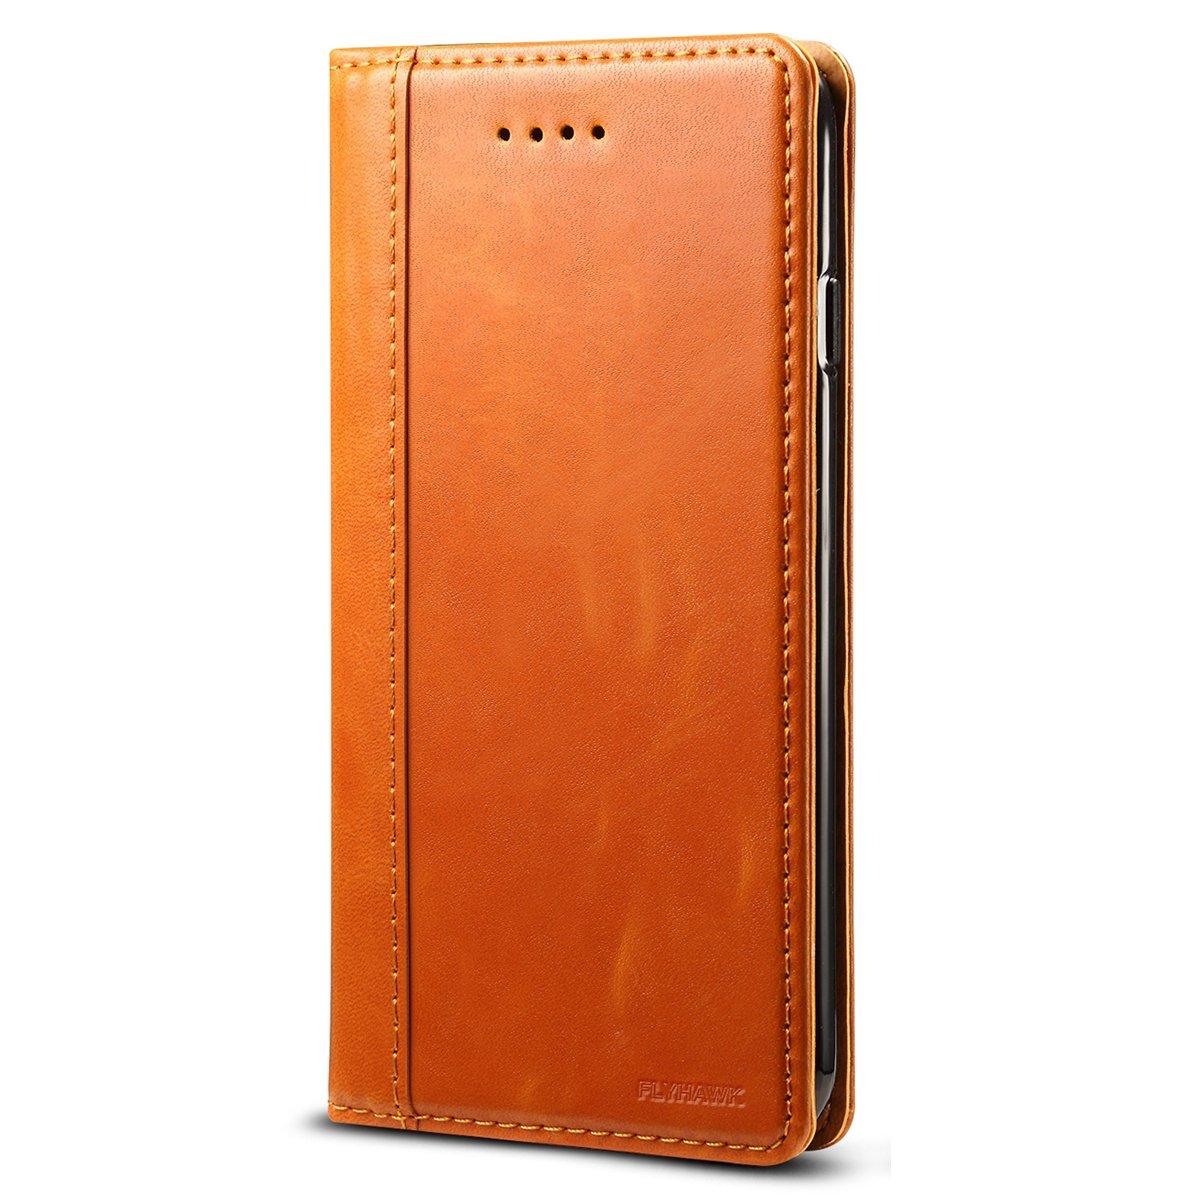 INFLATION iPhone 7ケース、カーキレザーウォレットケース、カードクリップカバーケース   B07DC1GTVM